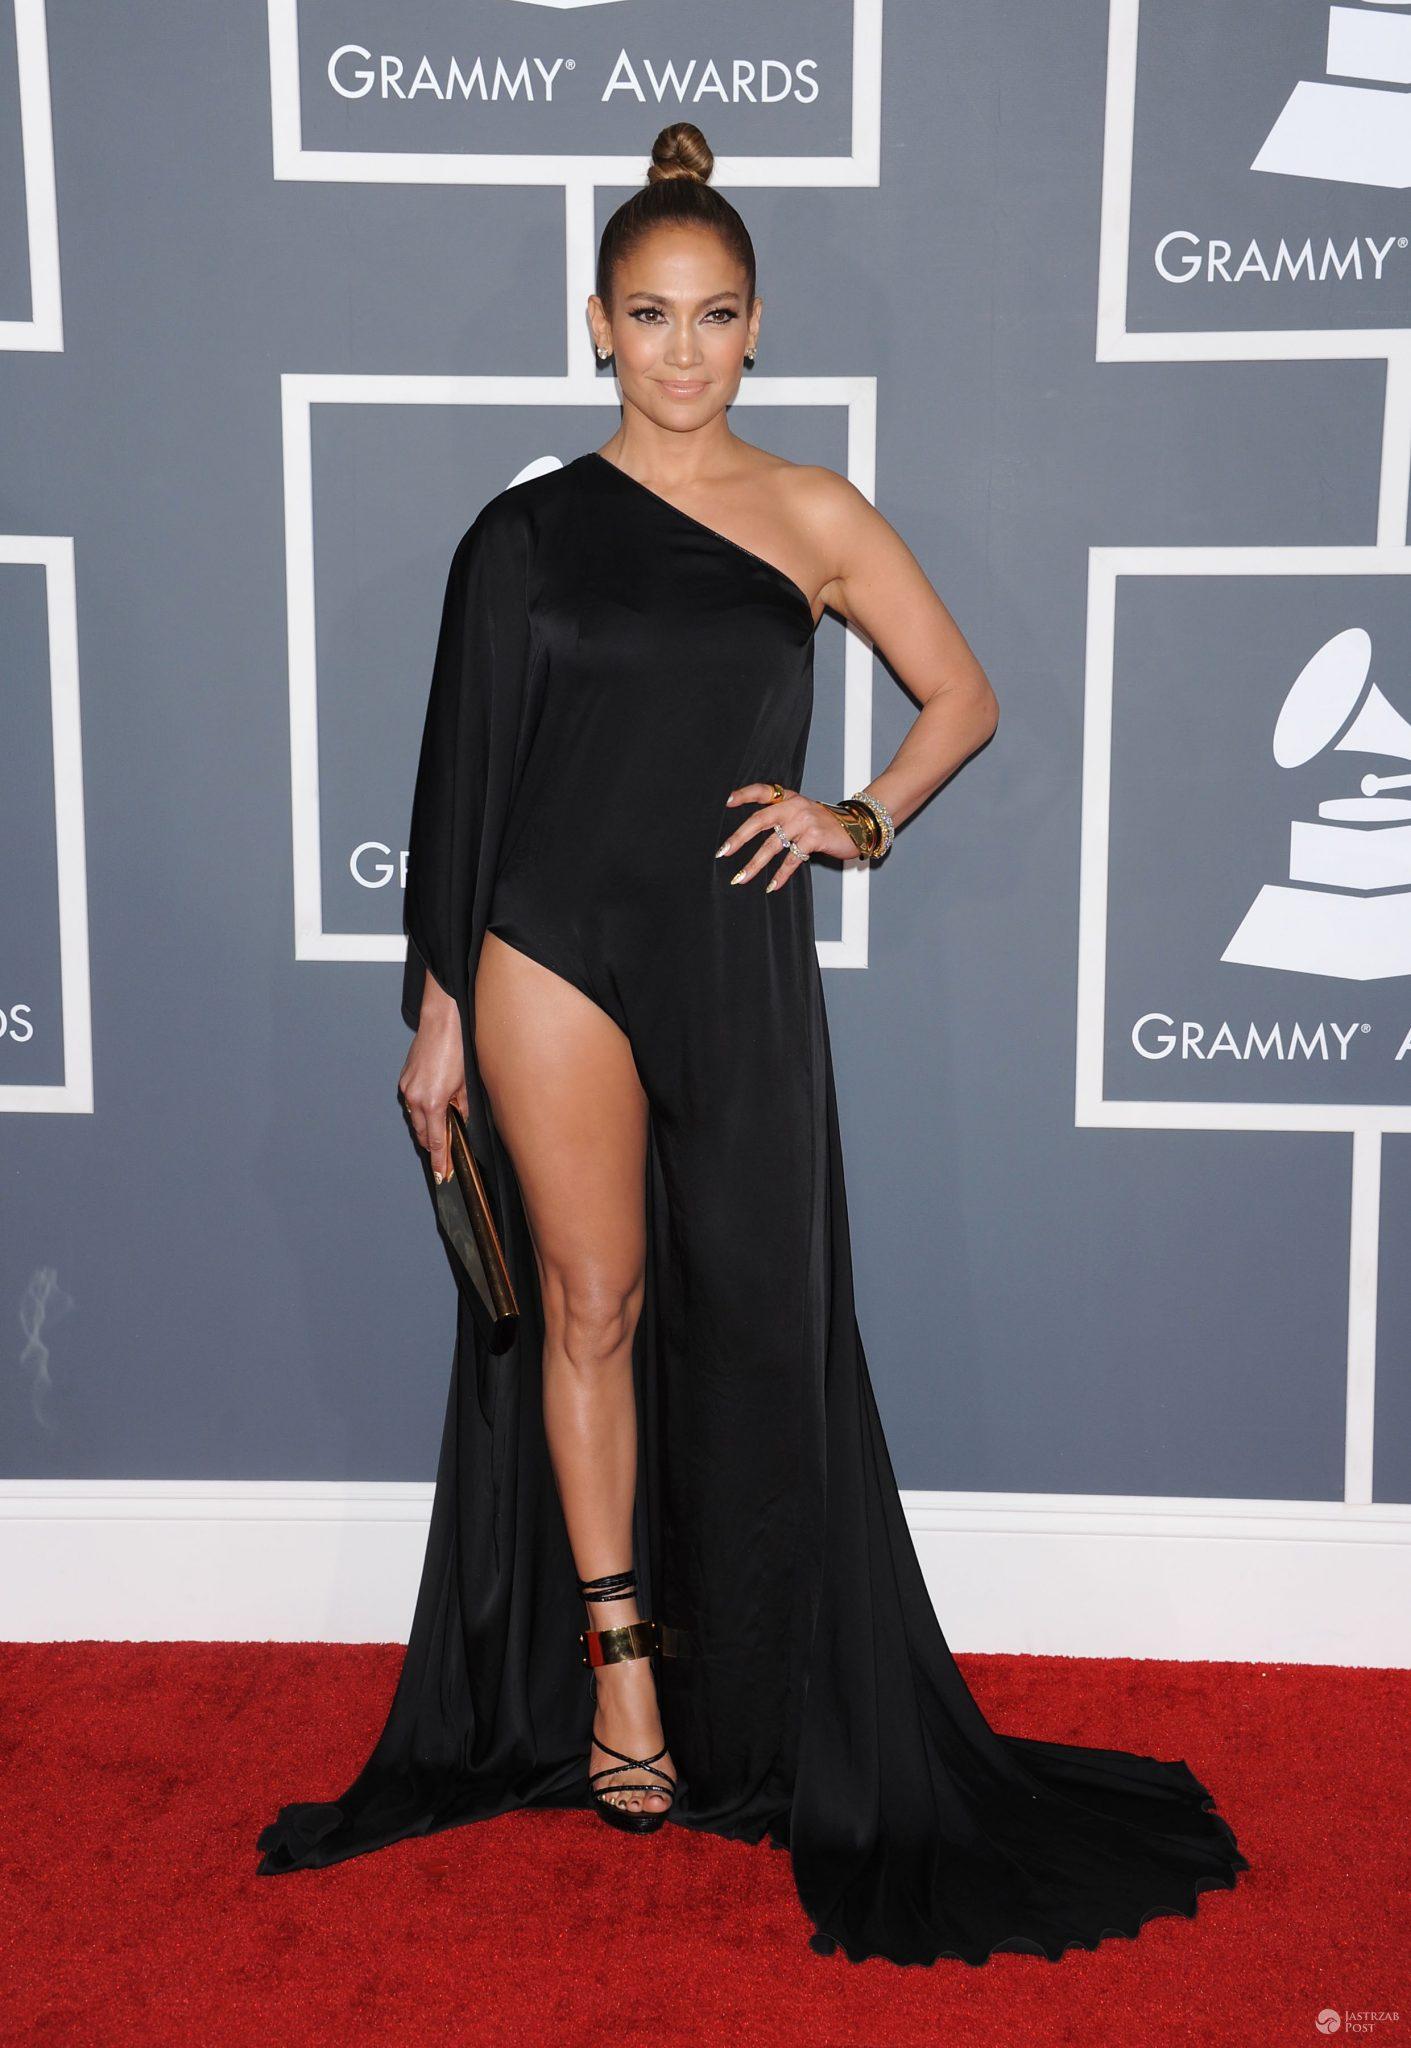 Jennifer Lopez w asymetrycznej kreacji Anthony Vaccarello - Grammy 2013